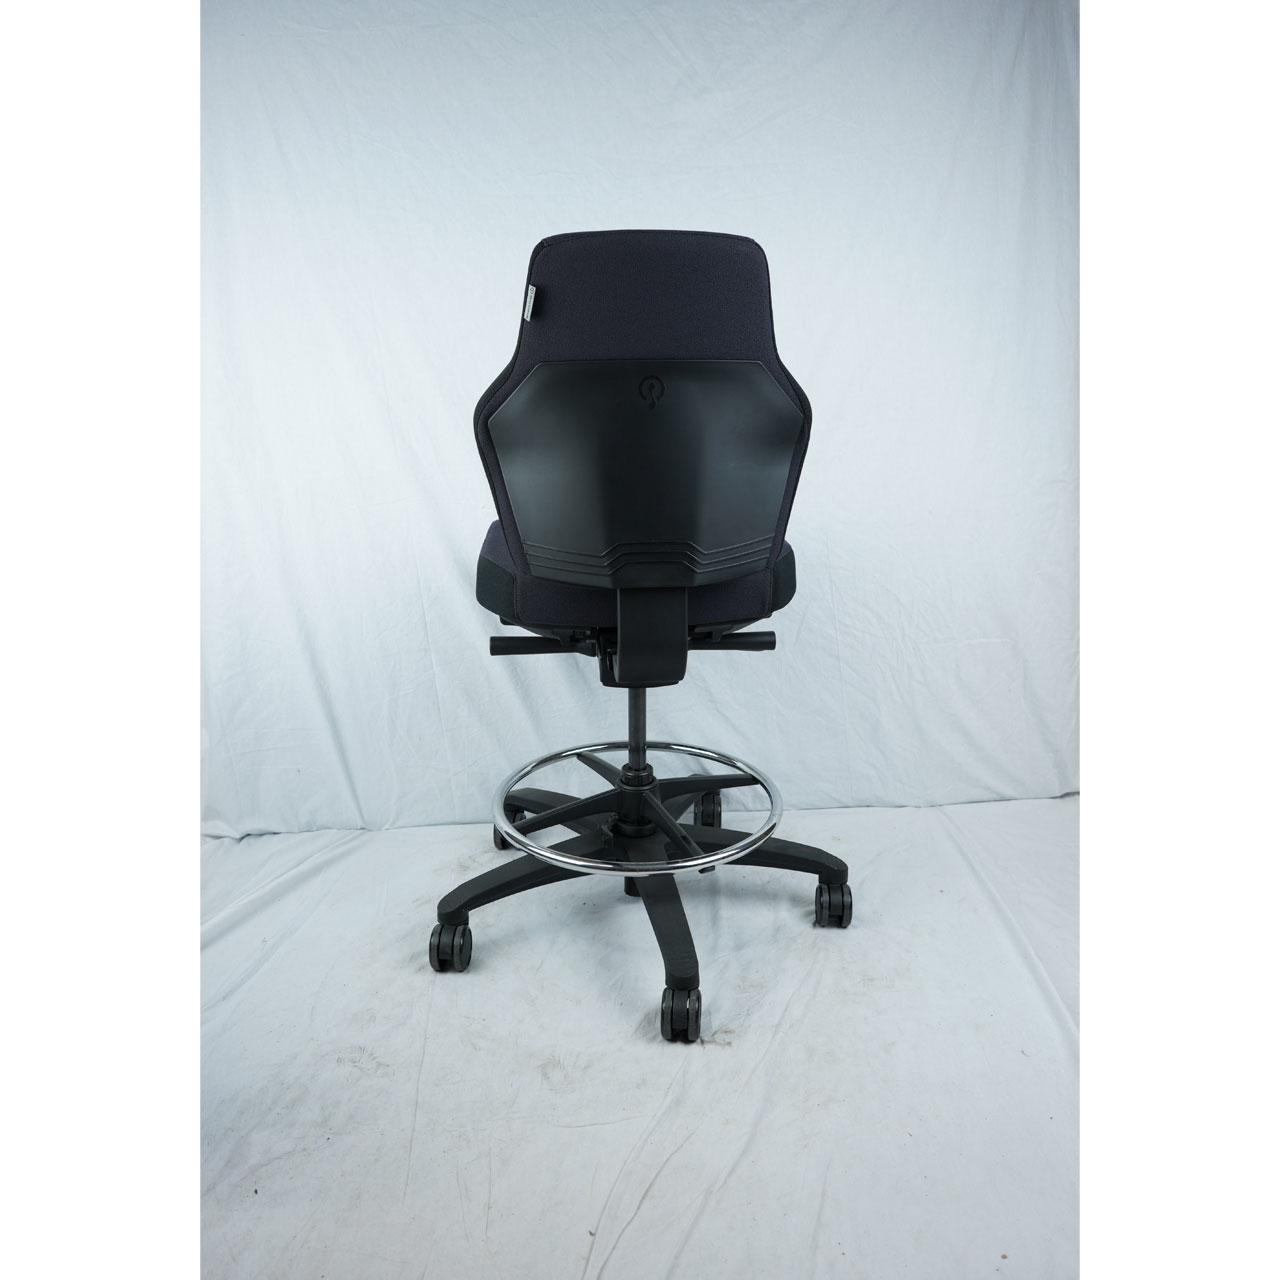 At Work werlstoel Synchro Blend met voetenring zwart